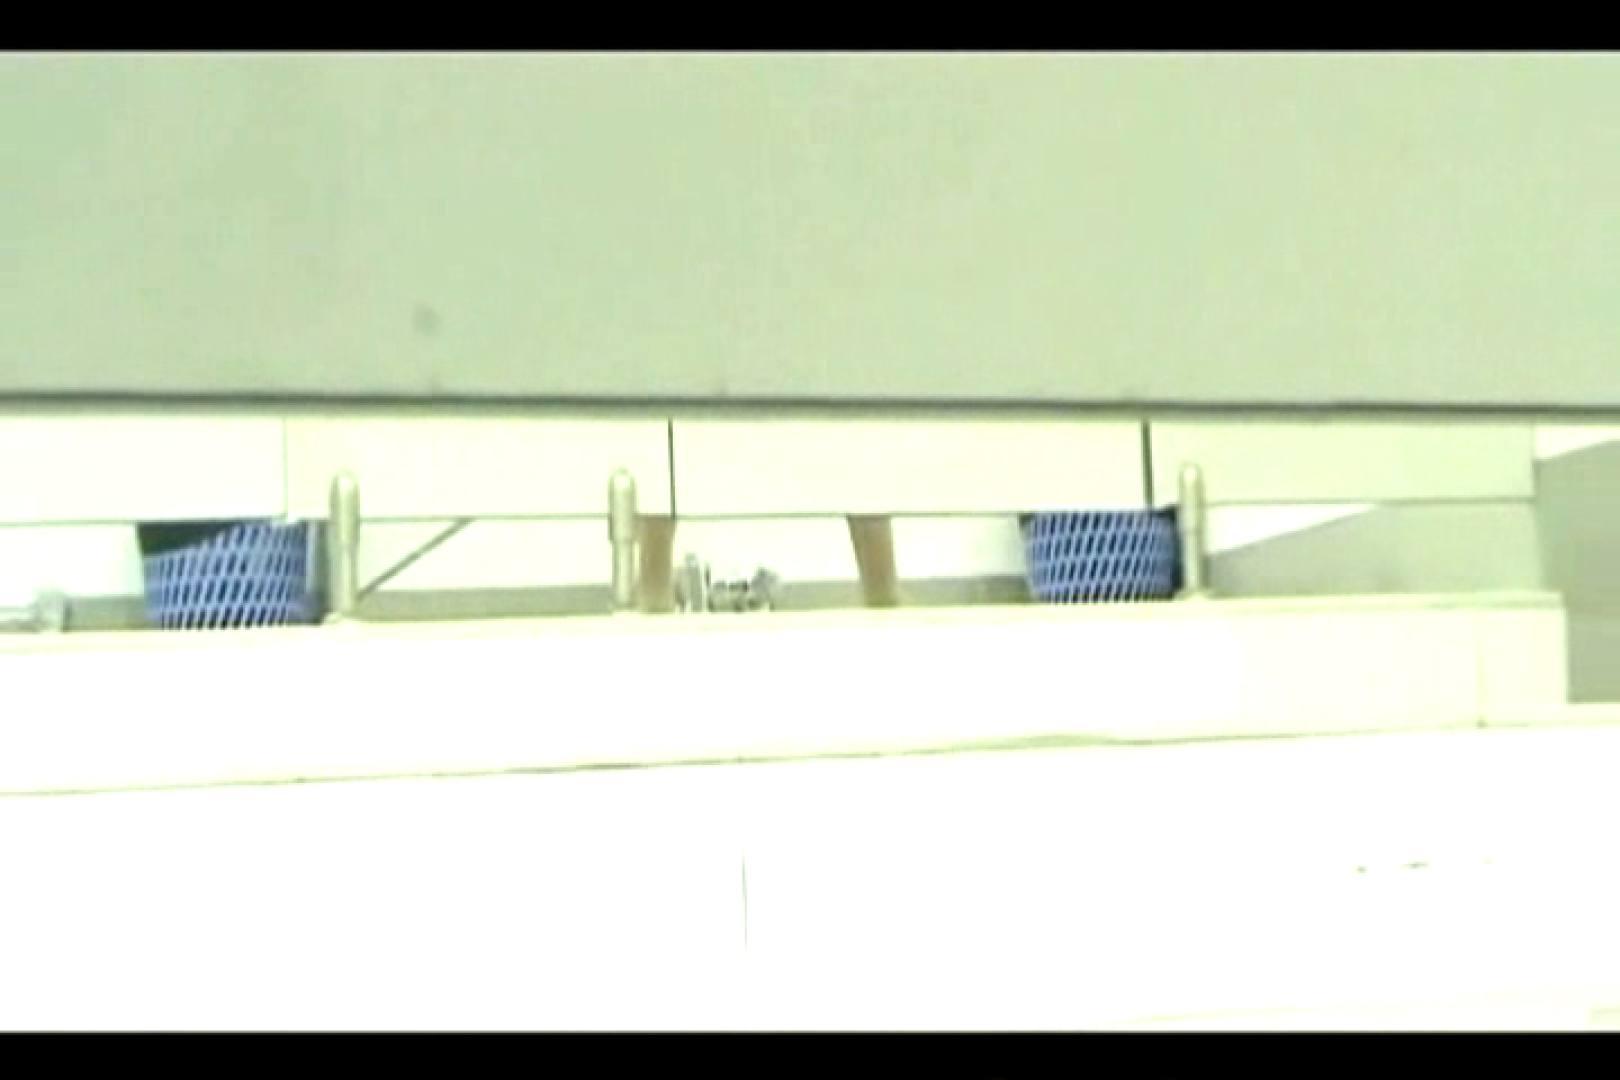 ぼっとん洗面所スペシャルVol.2 おまんこ オマンコ動画キャプチャ 106pic 27